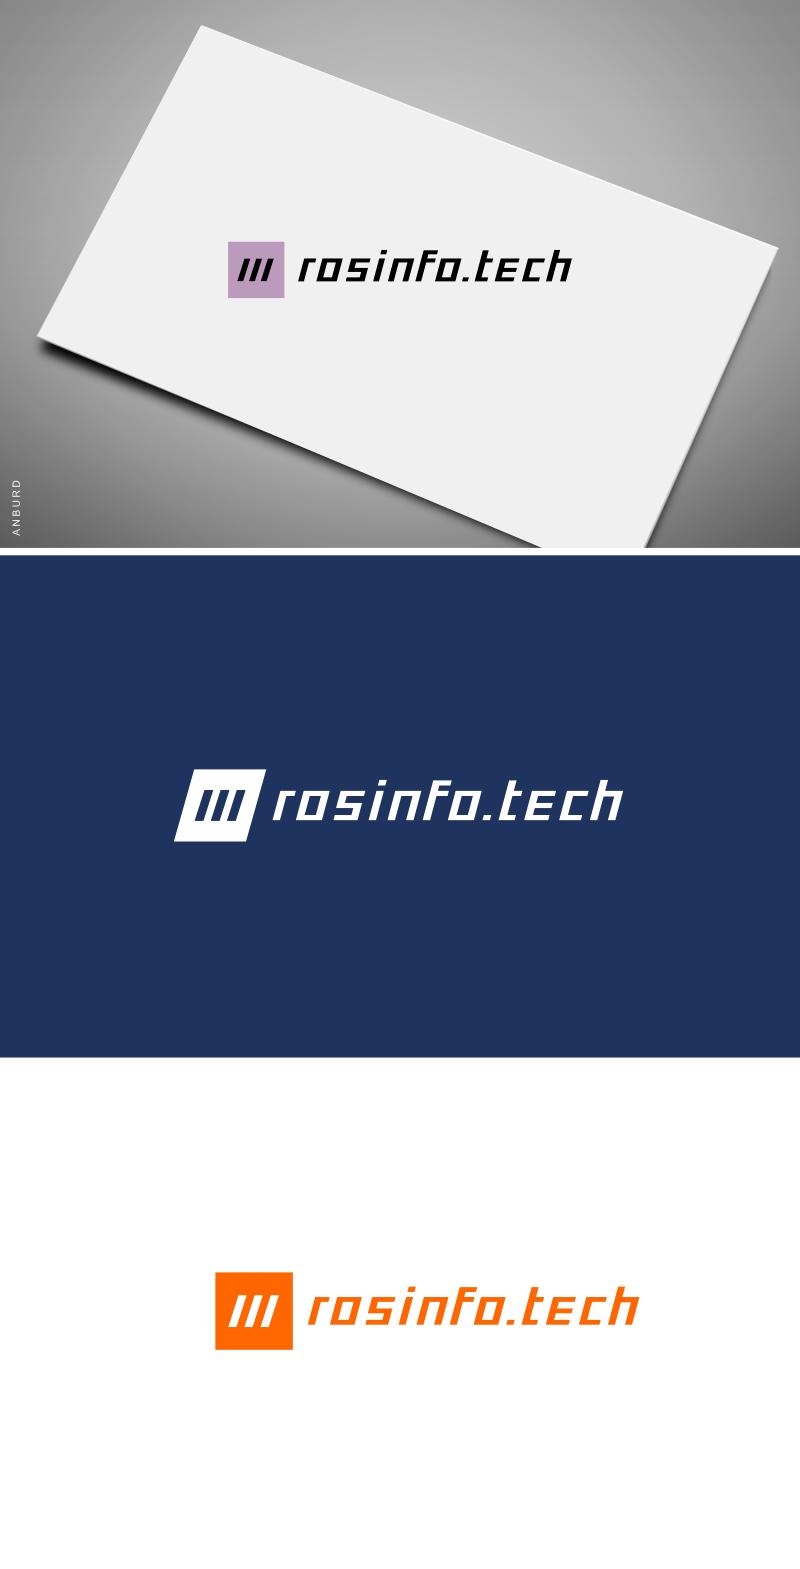 Разработка пакета айдентики rosinfo.tech фото f_0015e231307c0e2a.png